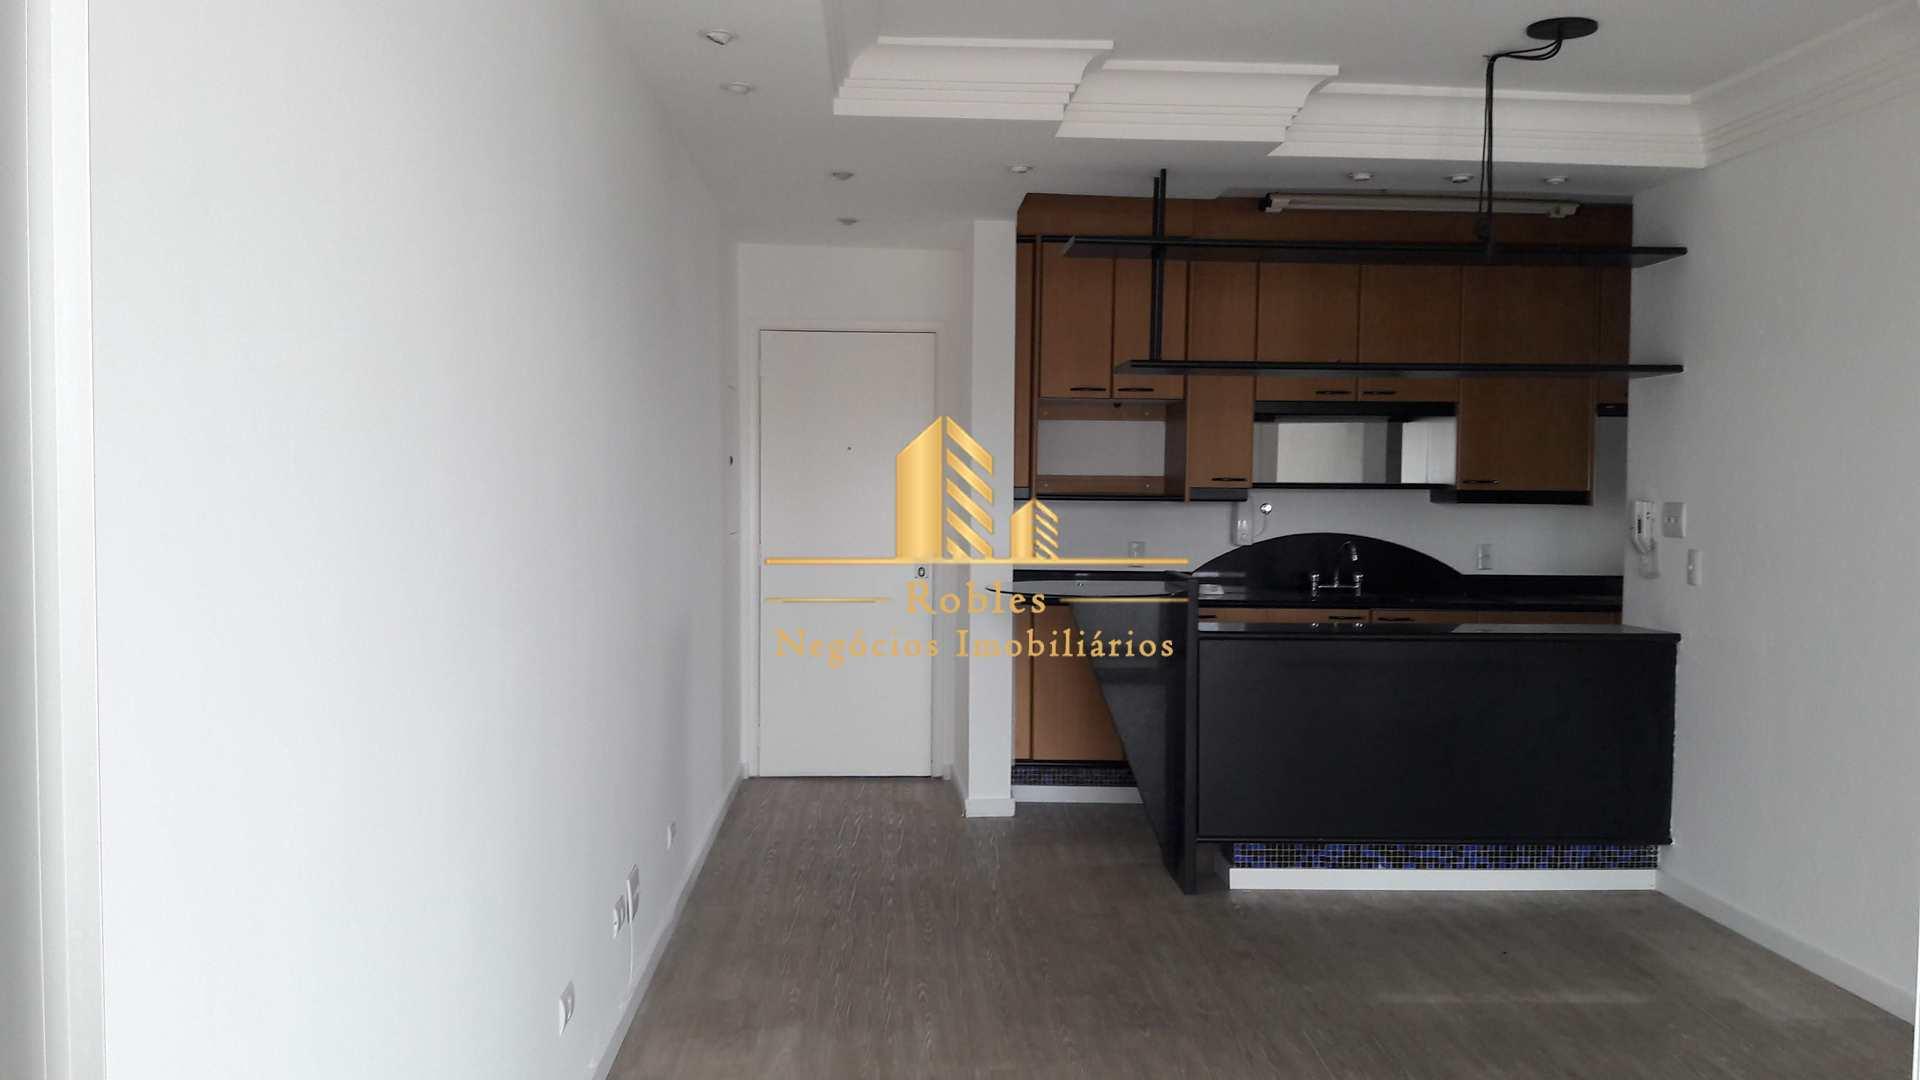 Apartamento com 2 dorms, Cidade Monções, São Paulo - R$ 750 mil, Cod: 1002